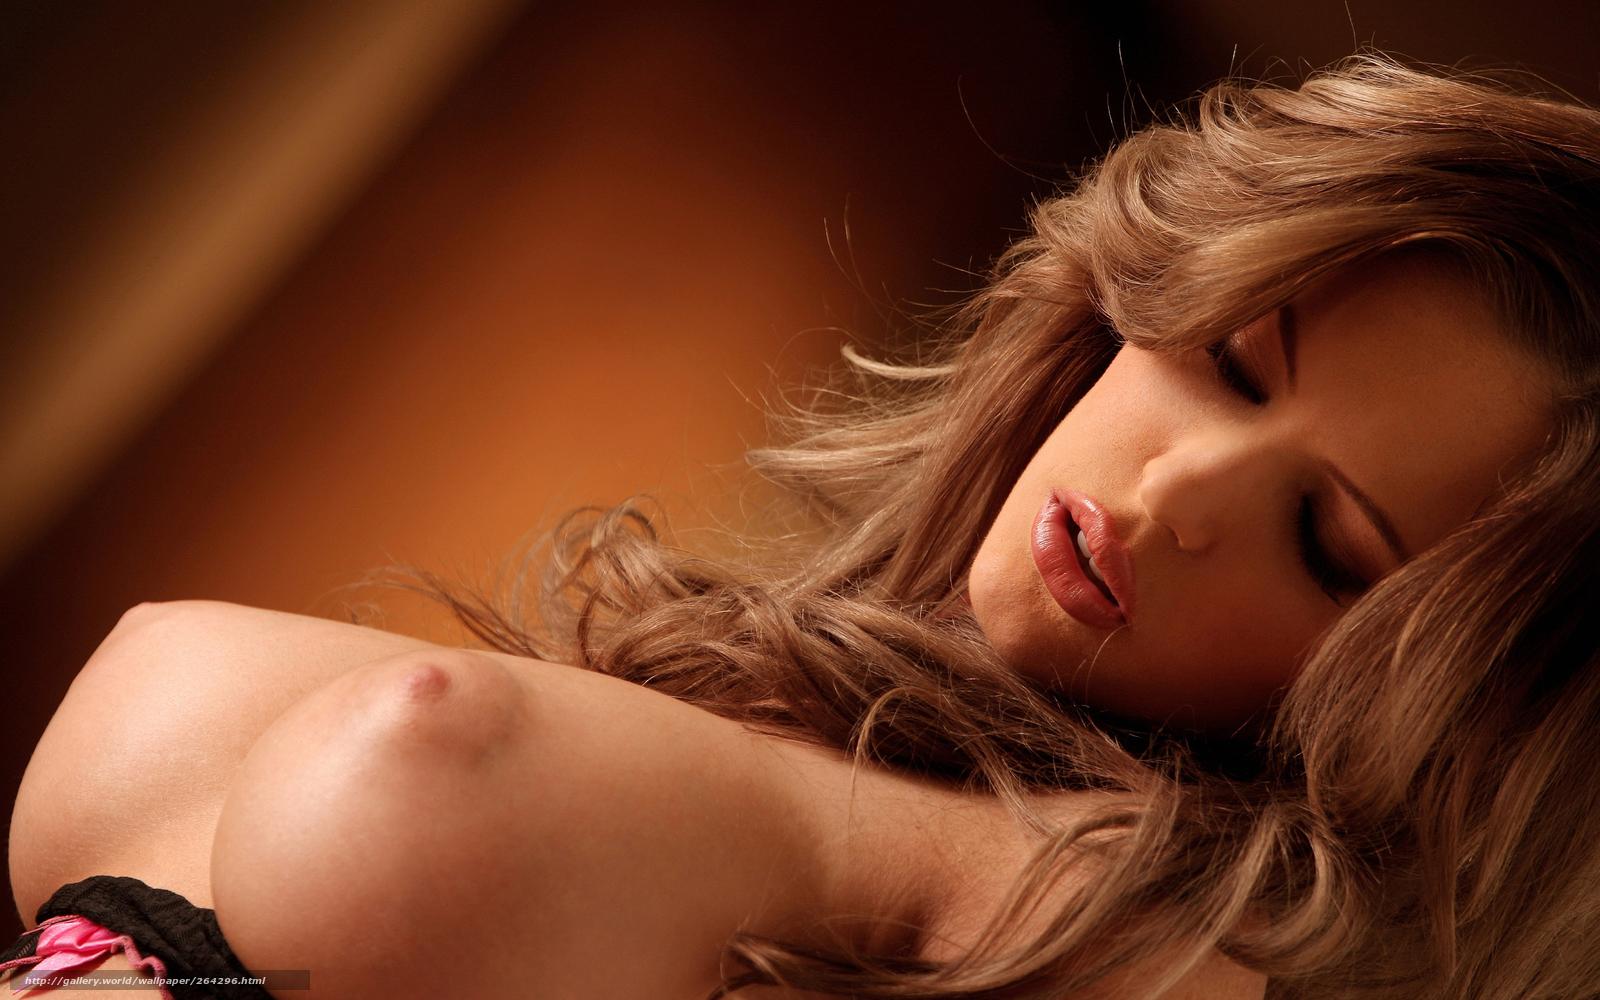 Самая красивая женская грудь голая 19 фотография